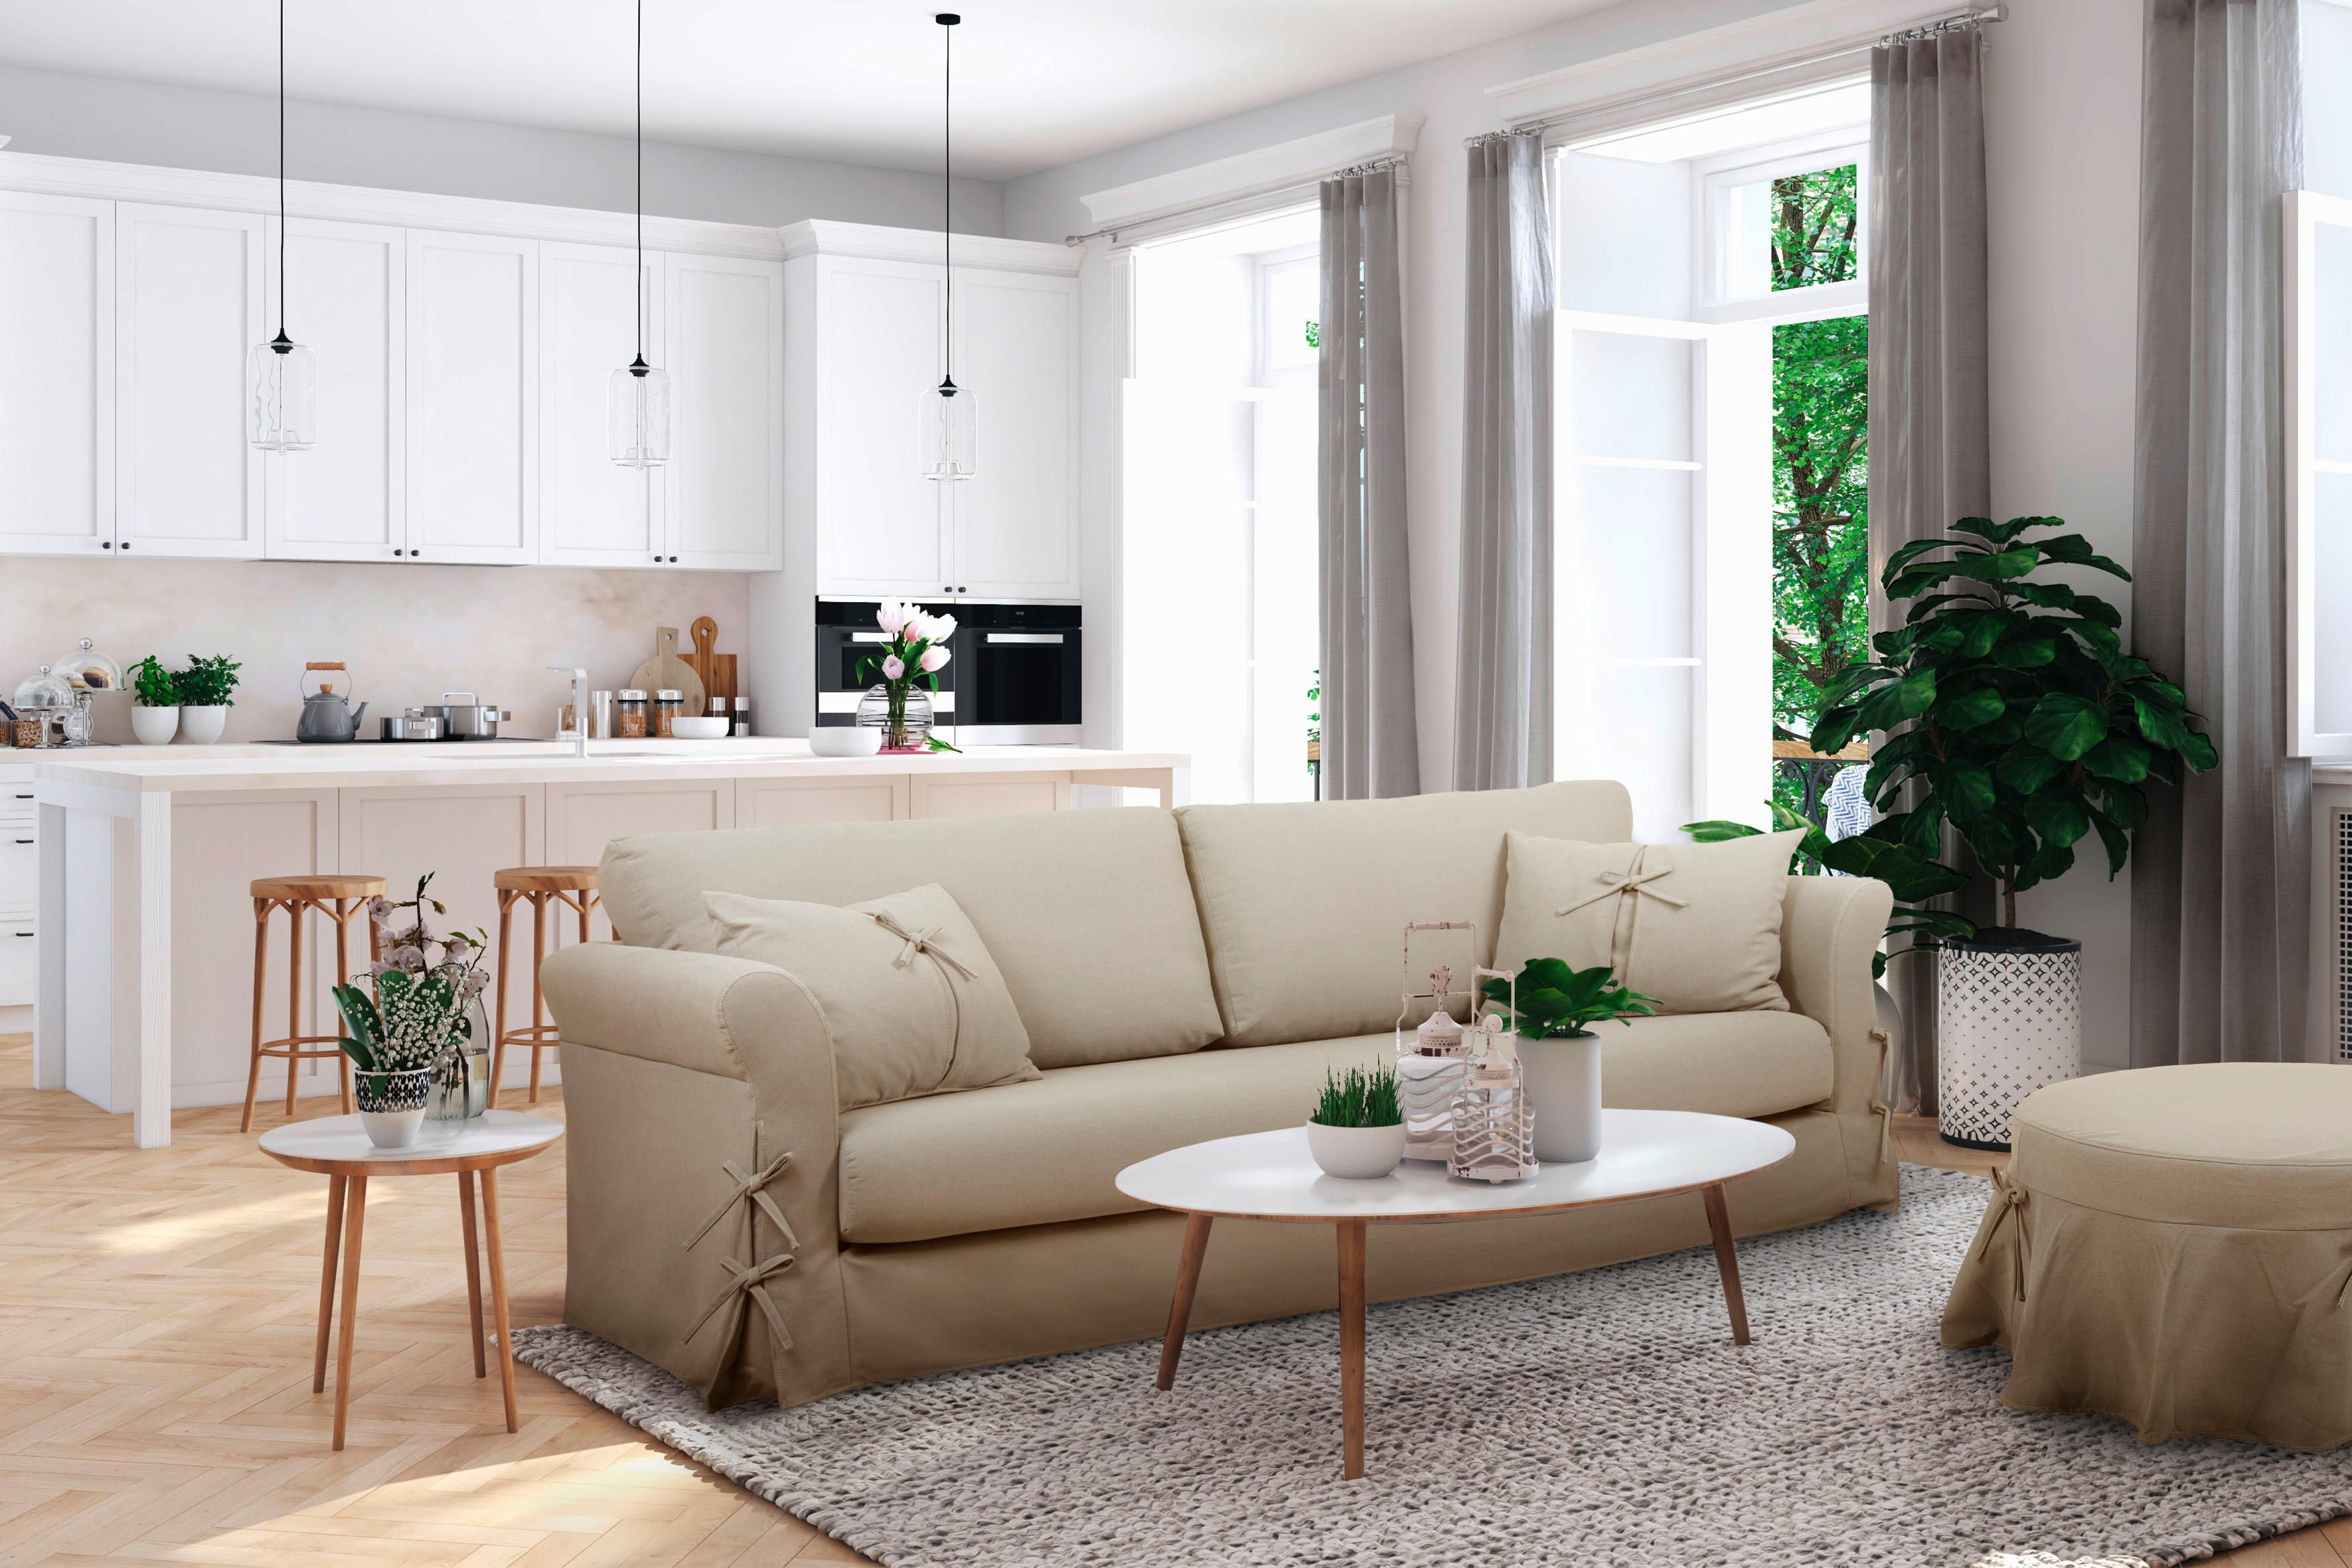 Home affaire 3-Sitzer Liesel